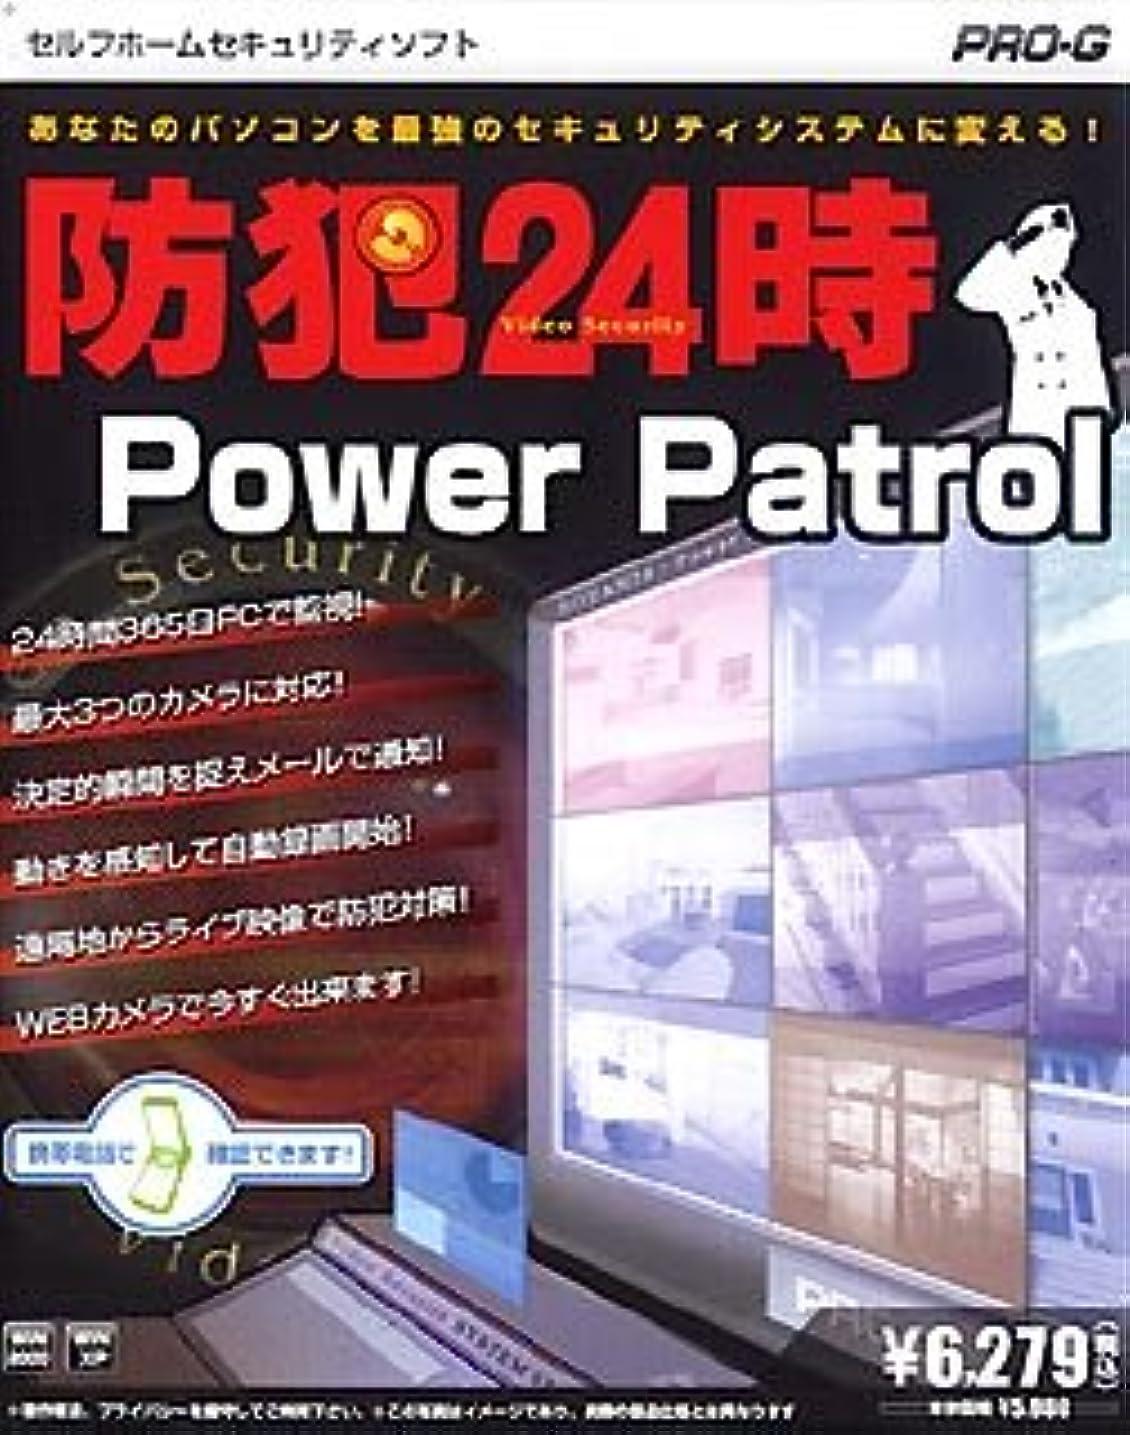 毎回赤道サイクロプス防犯24時 PowerPatrol